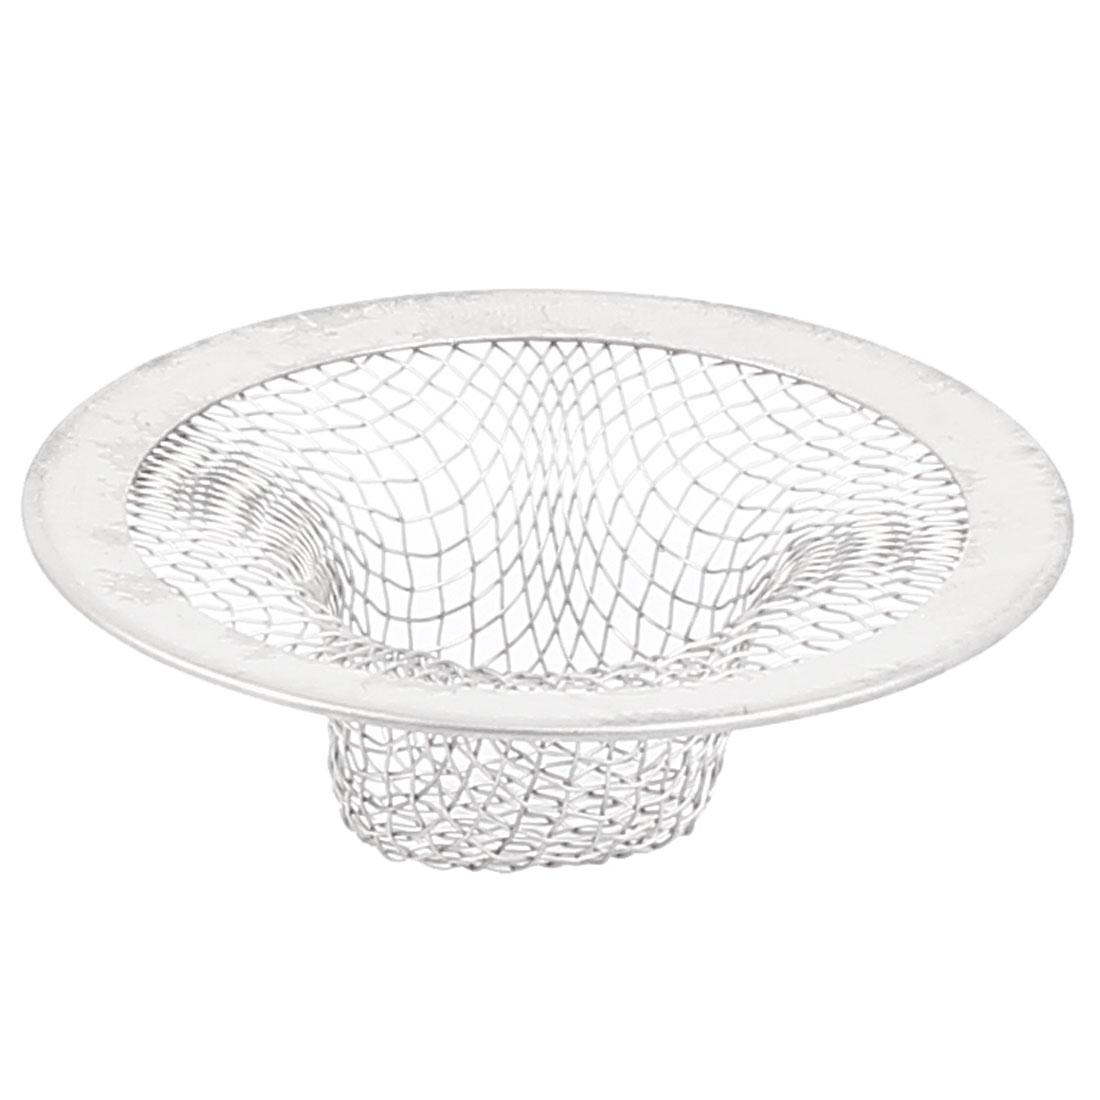 Kitchen Bath Basin Sink Strainer Mesh Filter Sieve Drain Net Silver Tone 55mm Diameter